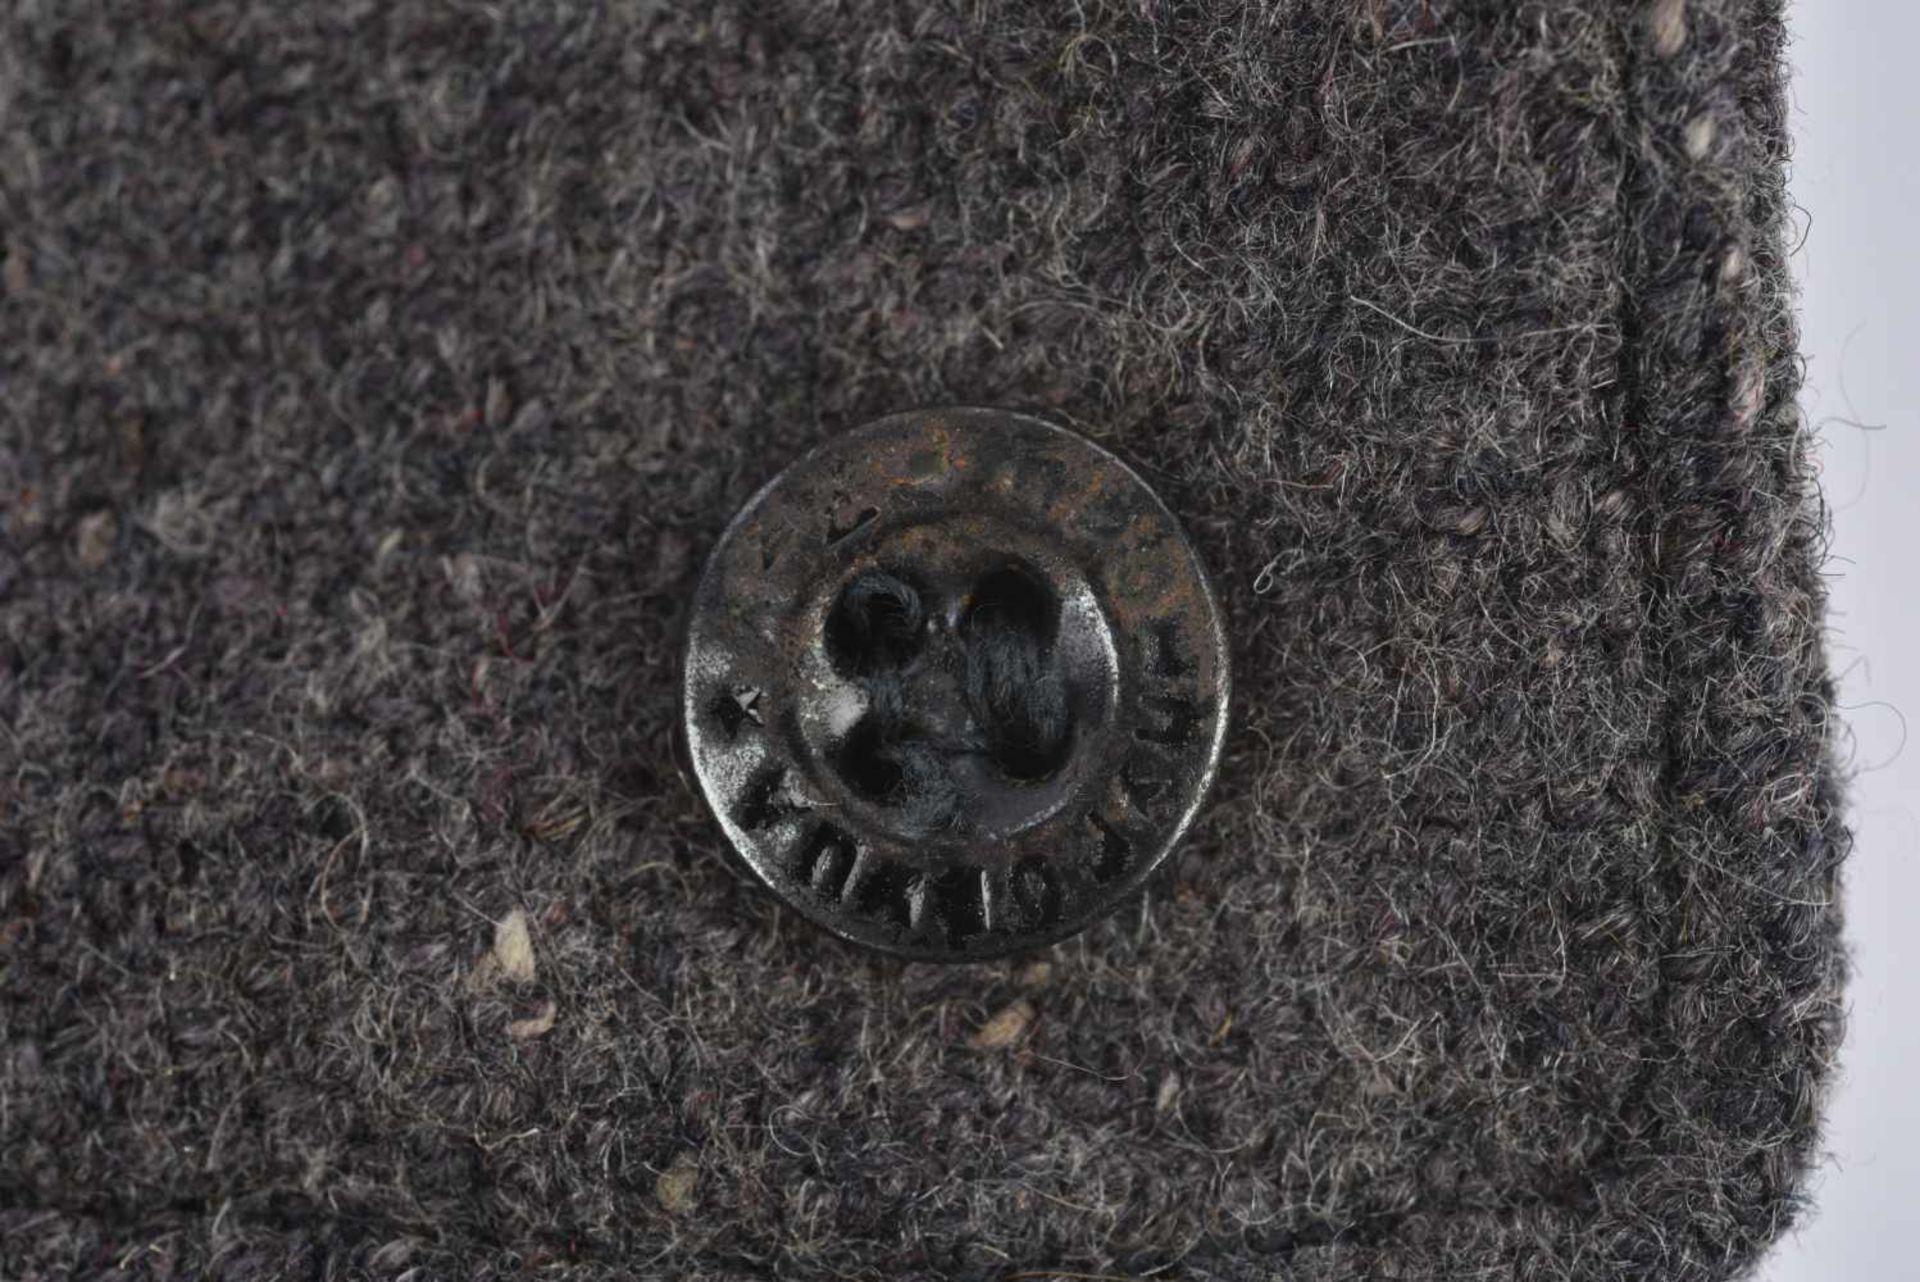 Budyonovka, M.27 pour l'artillerie ou les troupes blindées Complète avec étoile en tissu noire, - Bild 4 aus 4